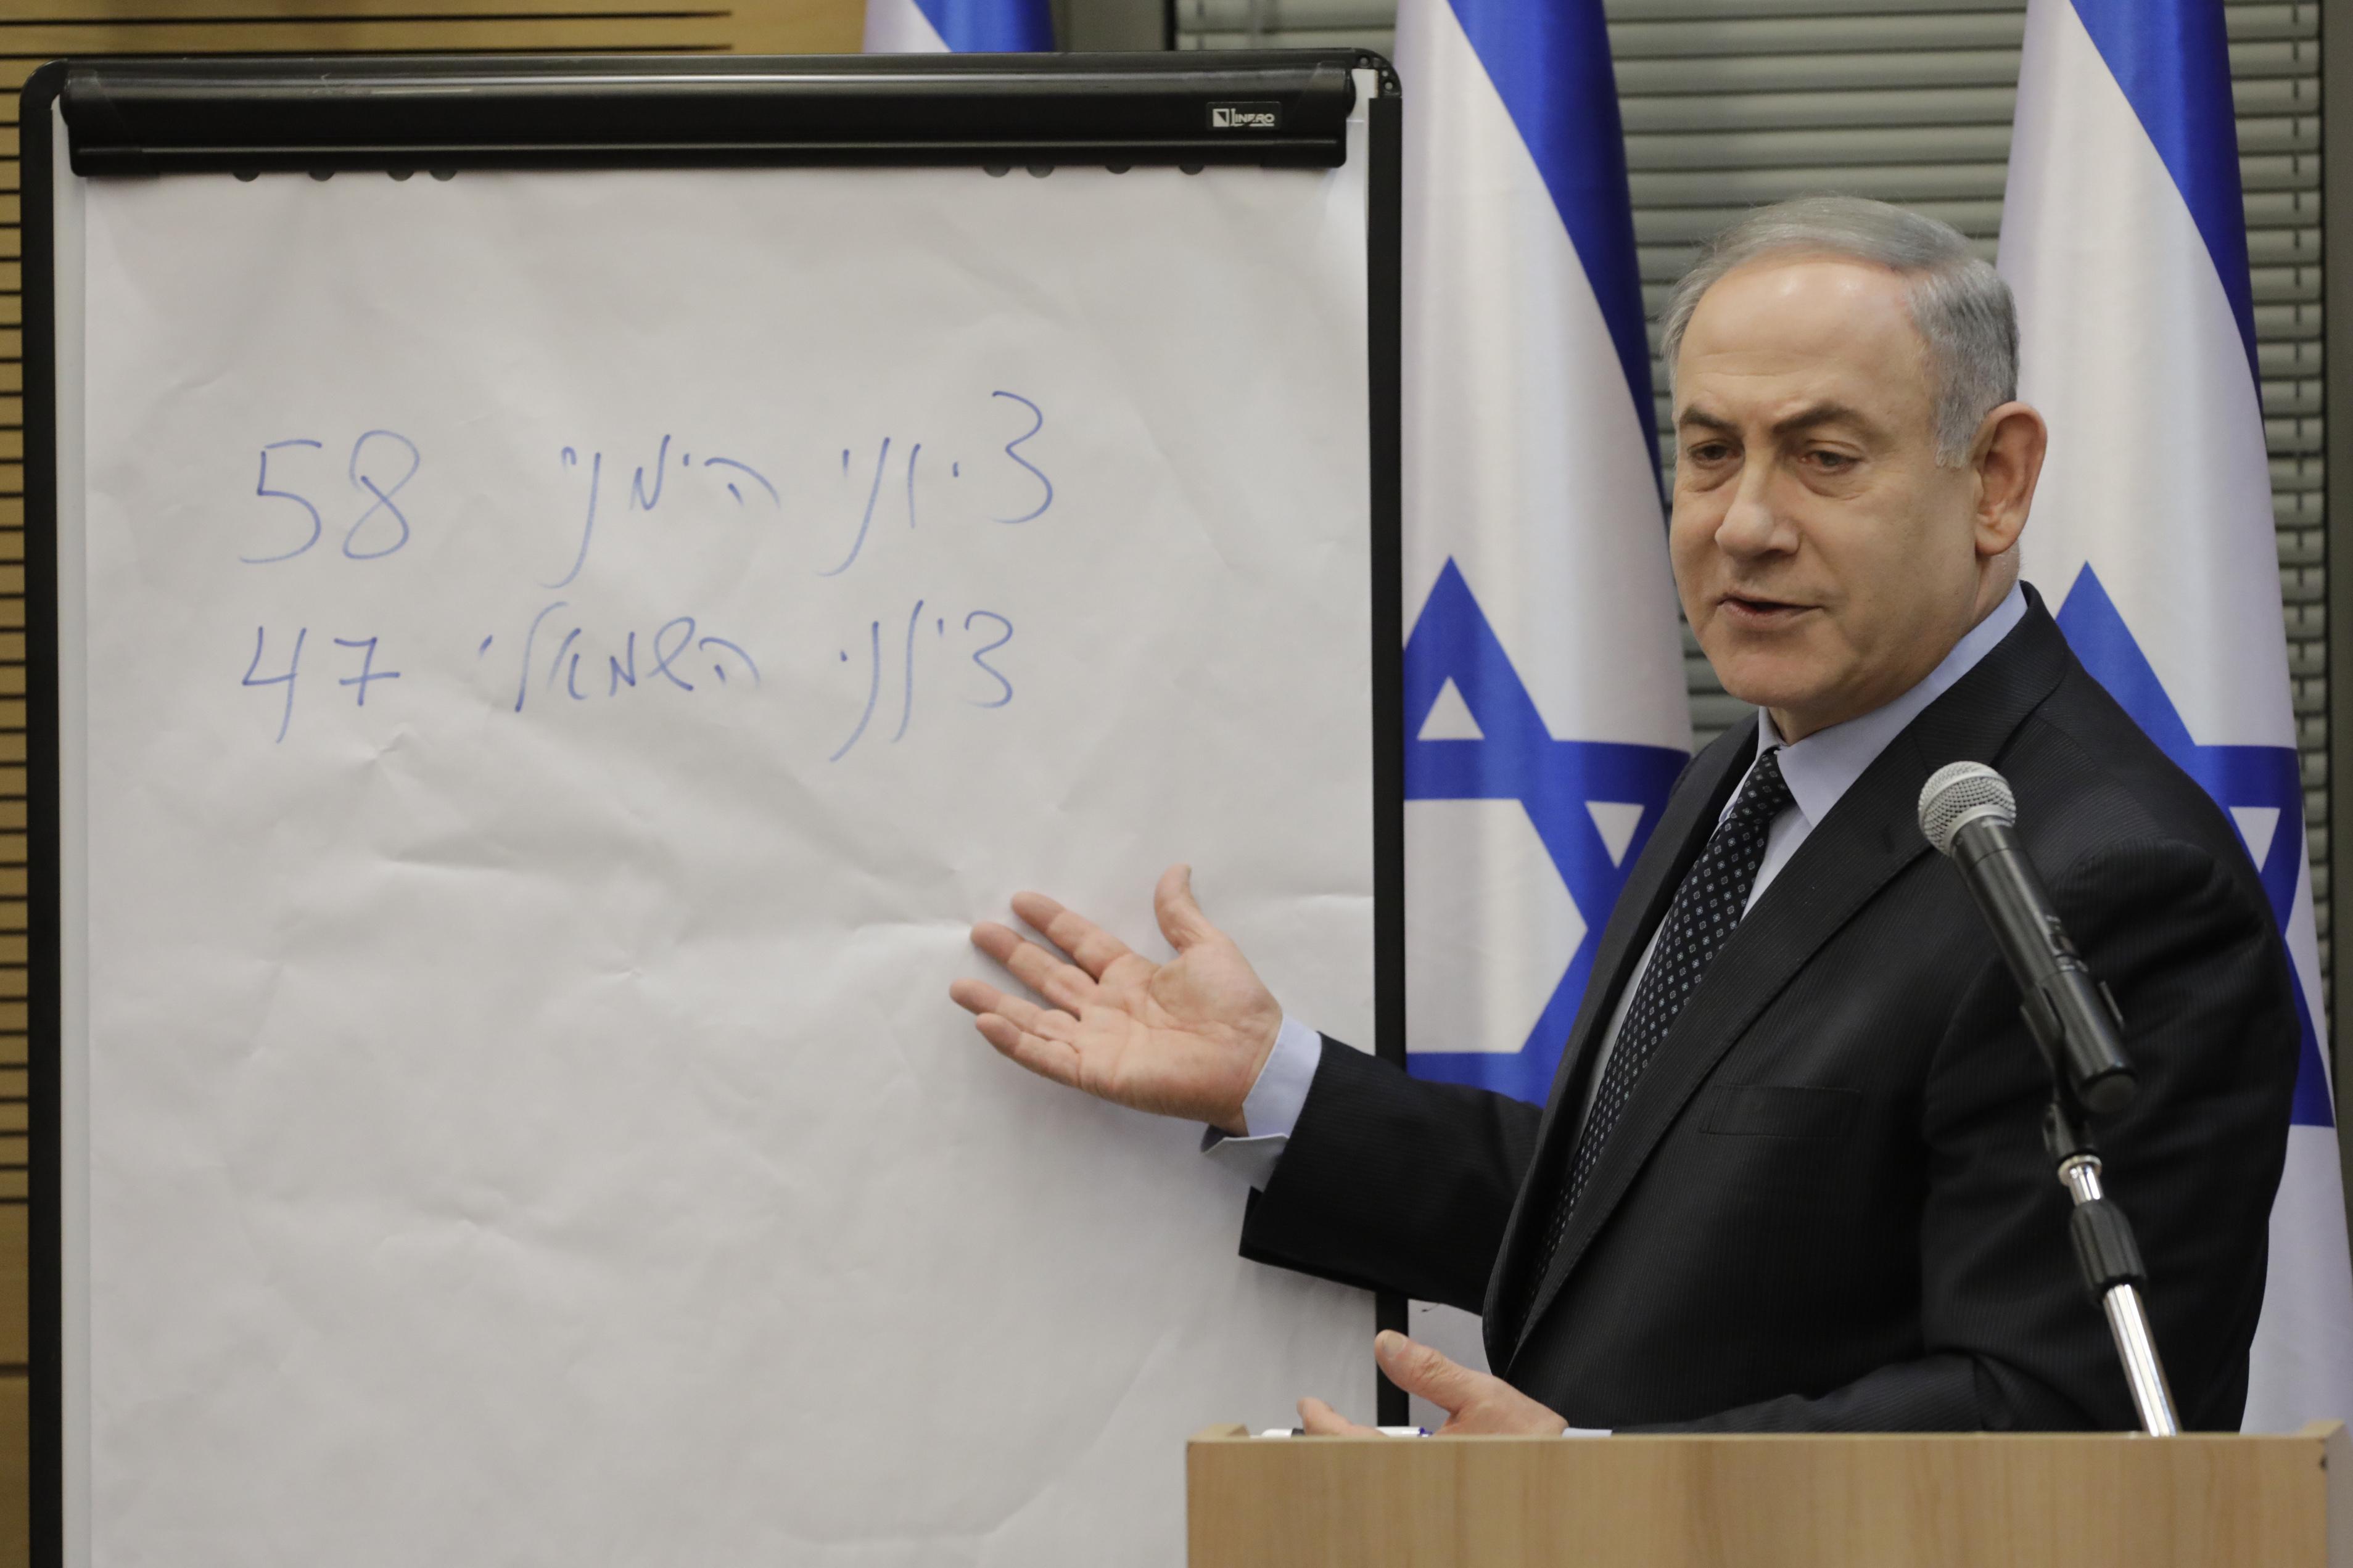 Israels Netanyahu falls short of parliamentary majority